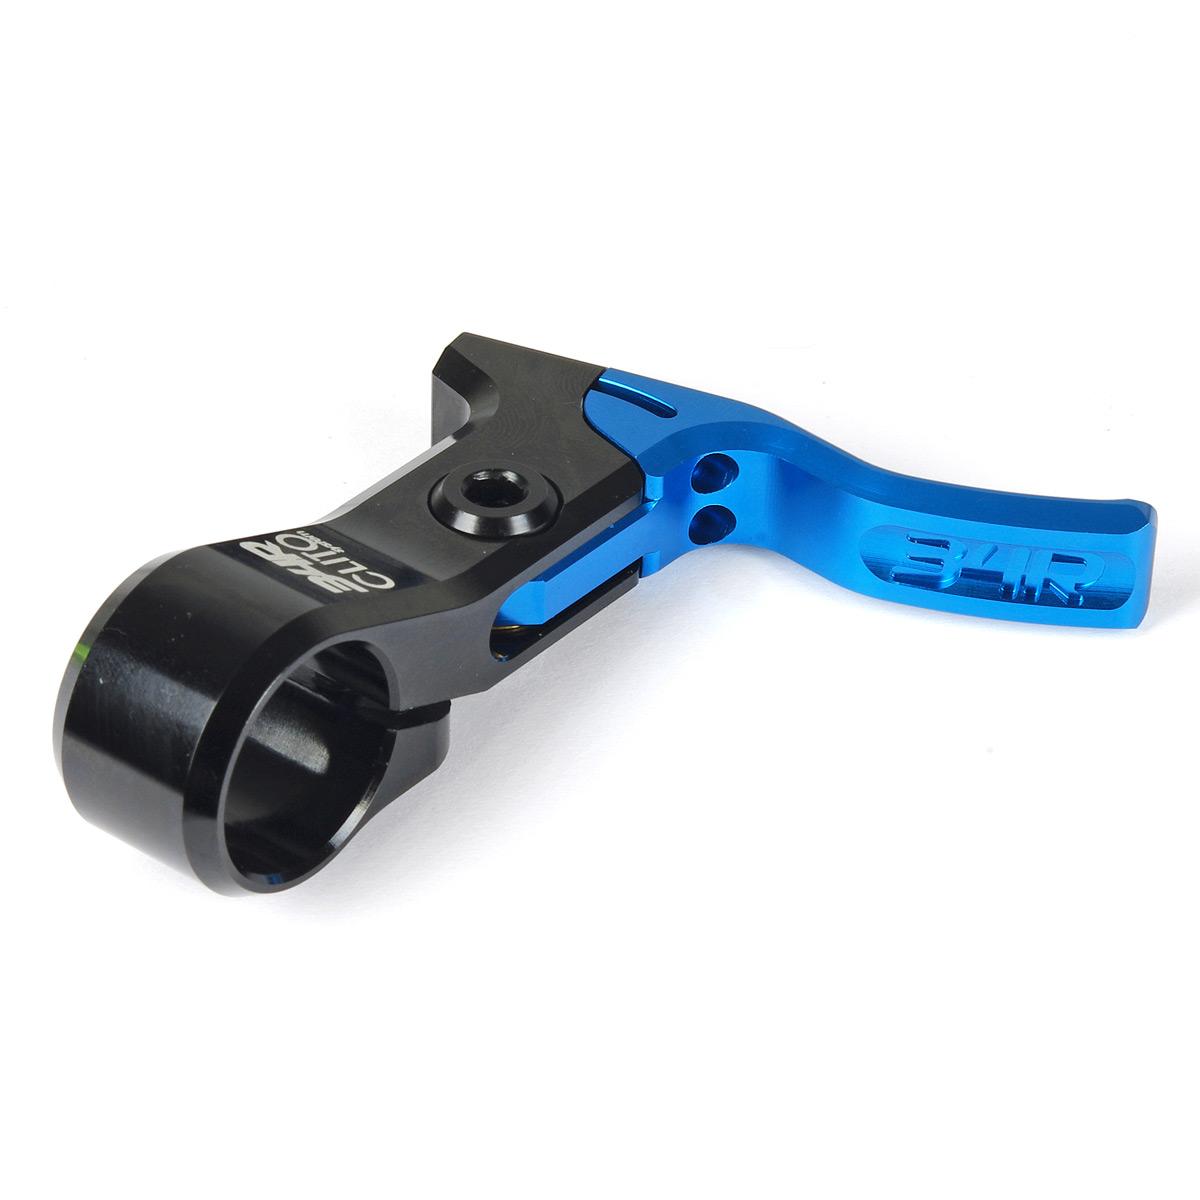 Brzdová páka BMX 34R CLITO BRAKE LEVER modrá